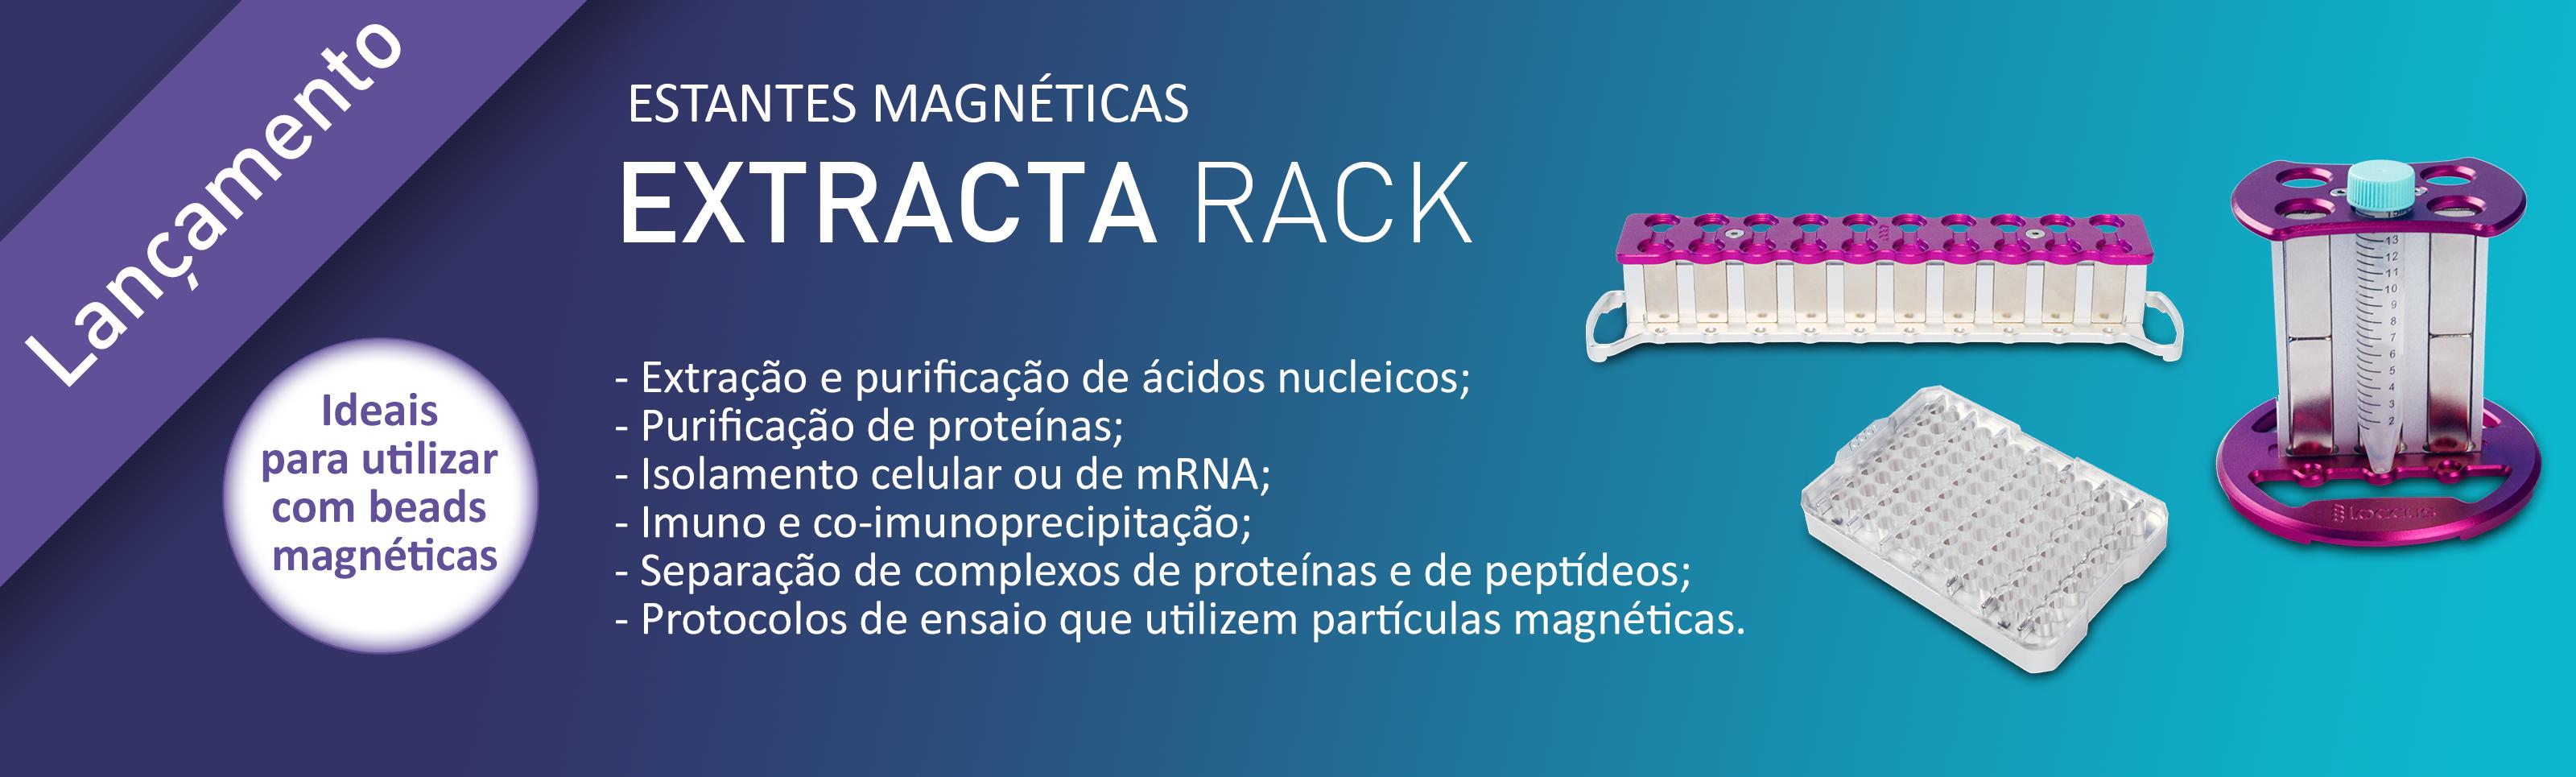 Banner Extracta Rack